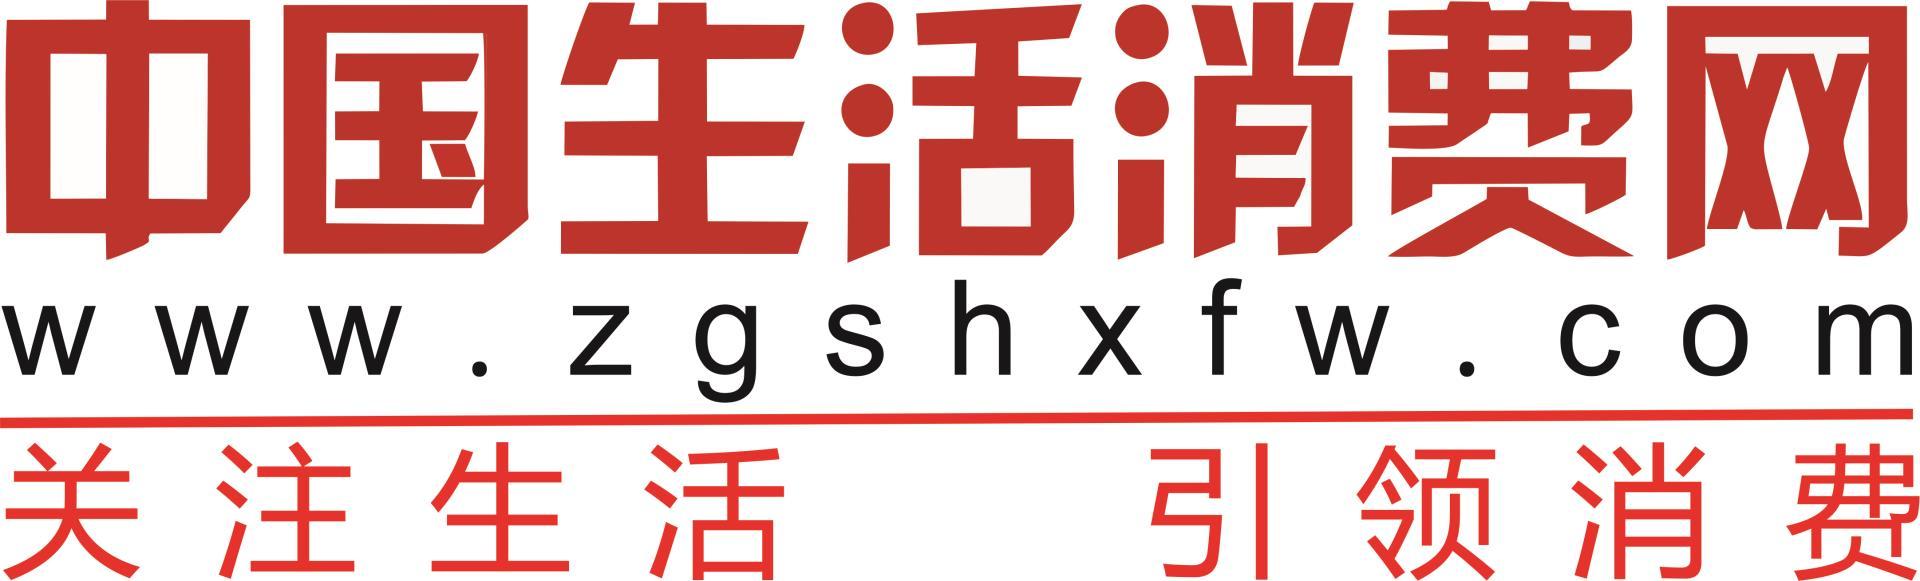 中國生活消費網